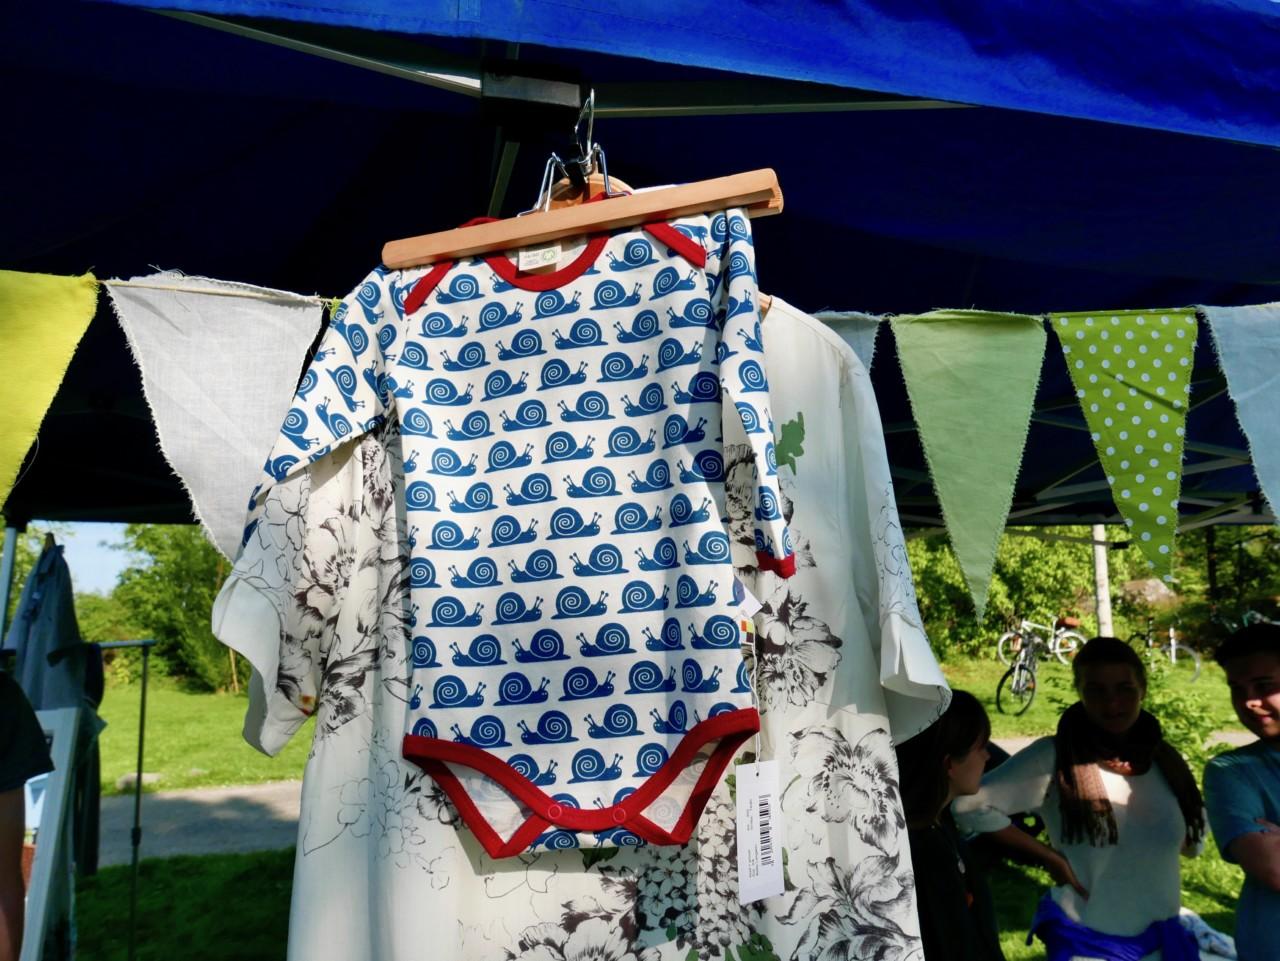 gront-skift-baby-body-okologiske-rettferdige-klar-eco-gronn-festival